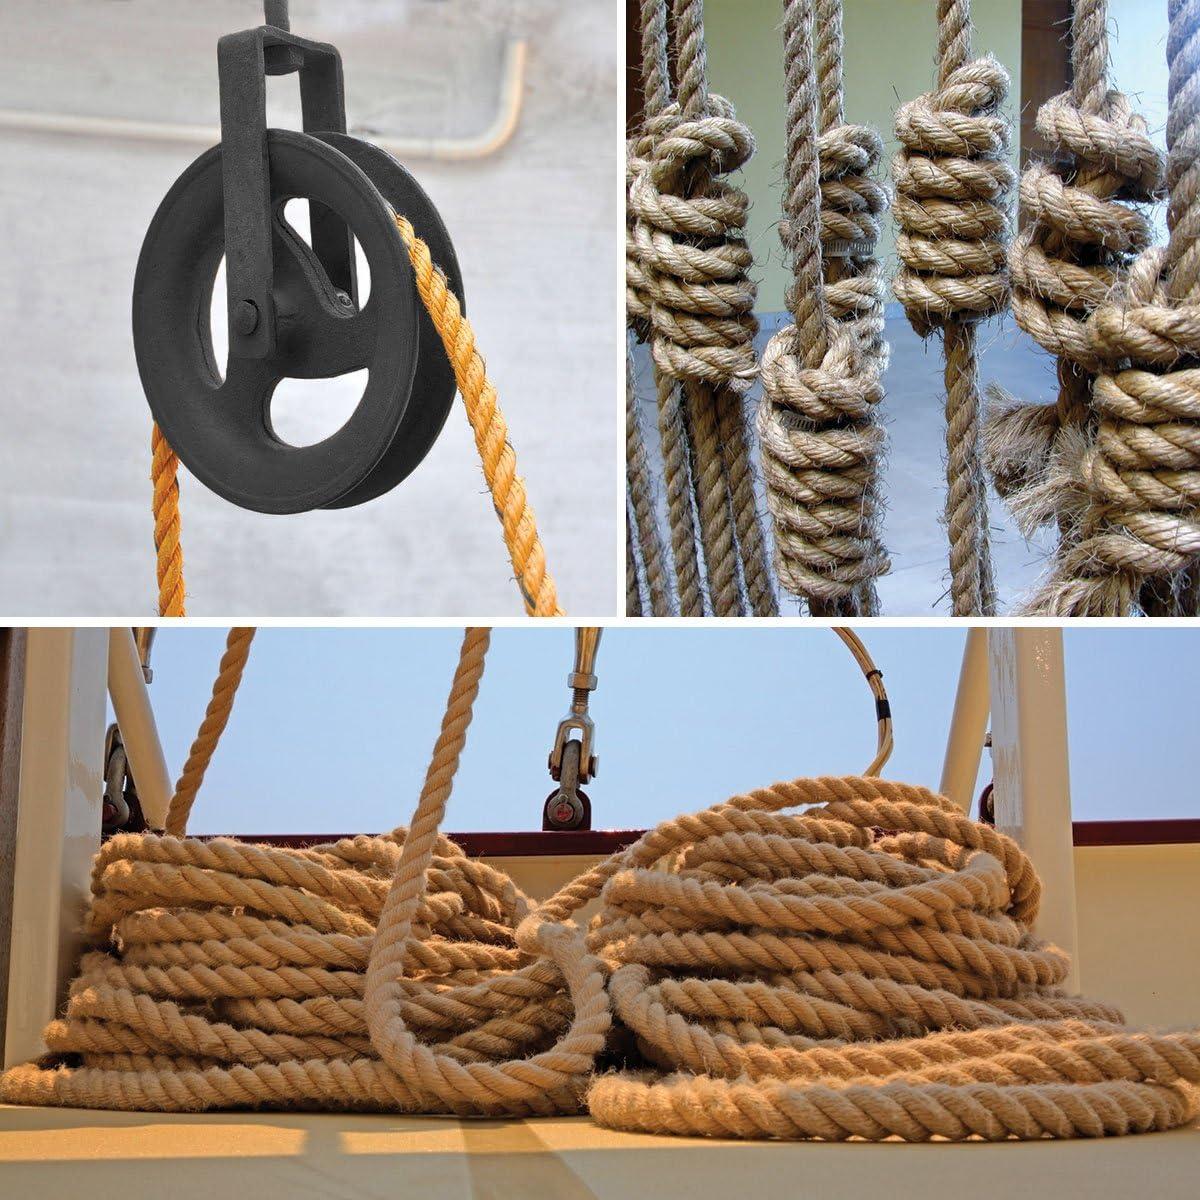 Seilwerk STANKE Cuerda de Yute 50 m de 12 mm Hilos Naturales Aparejo C/á/ñamo Jute Cuerda Tender la Cuerda Cuerda de Barandilla